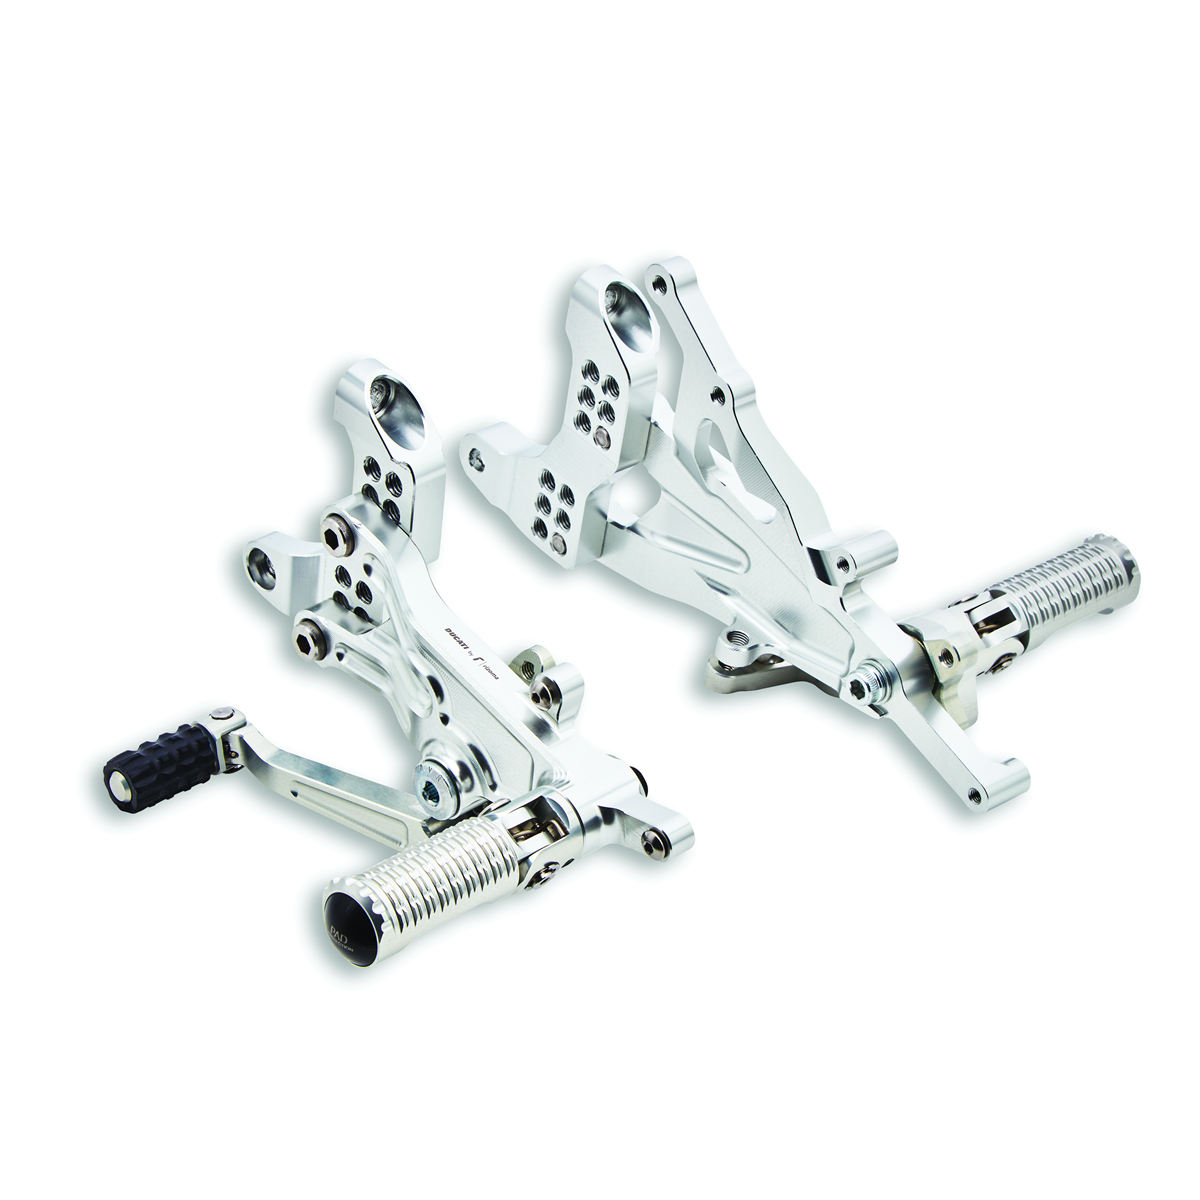 Adjustable rider footpeg kit. 96280481A